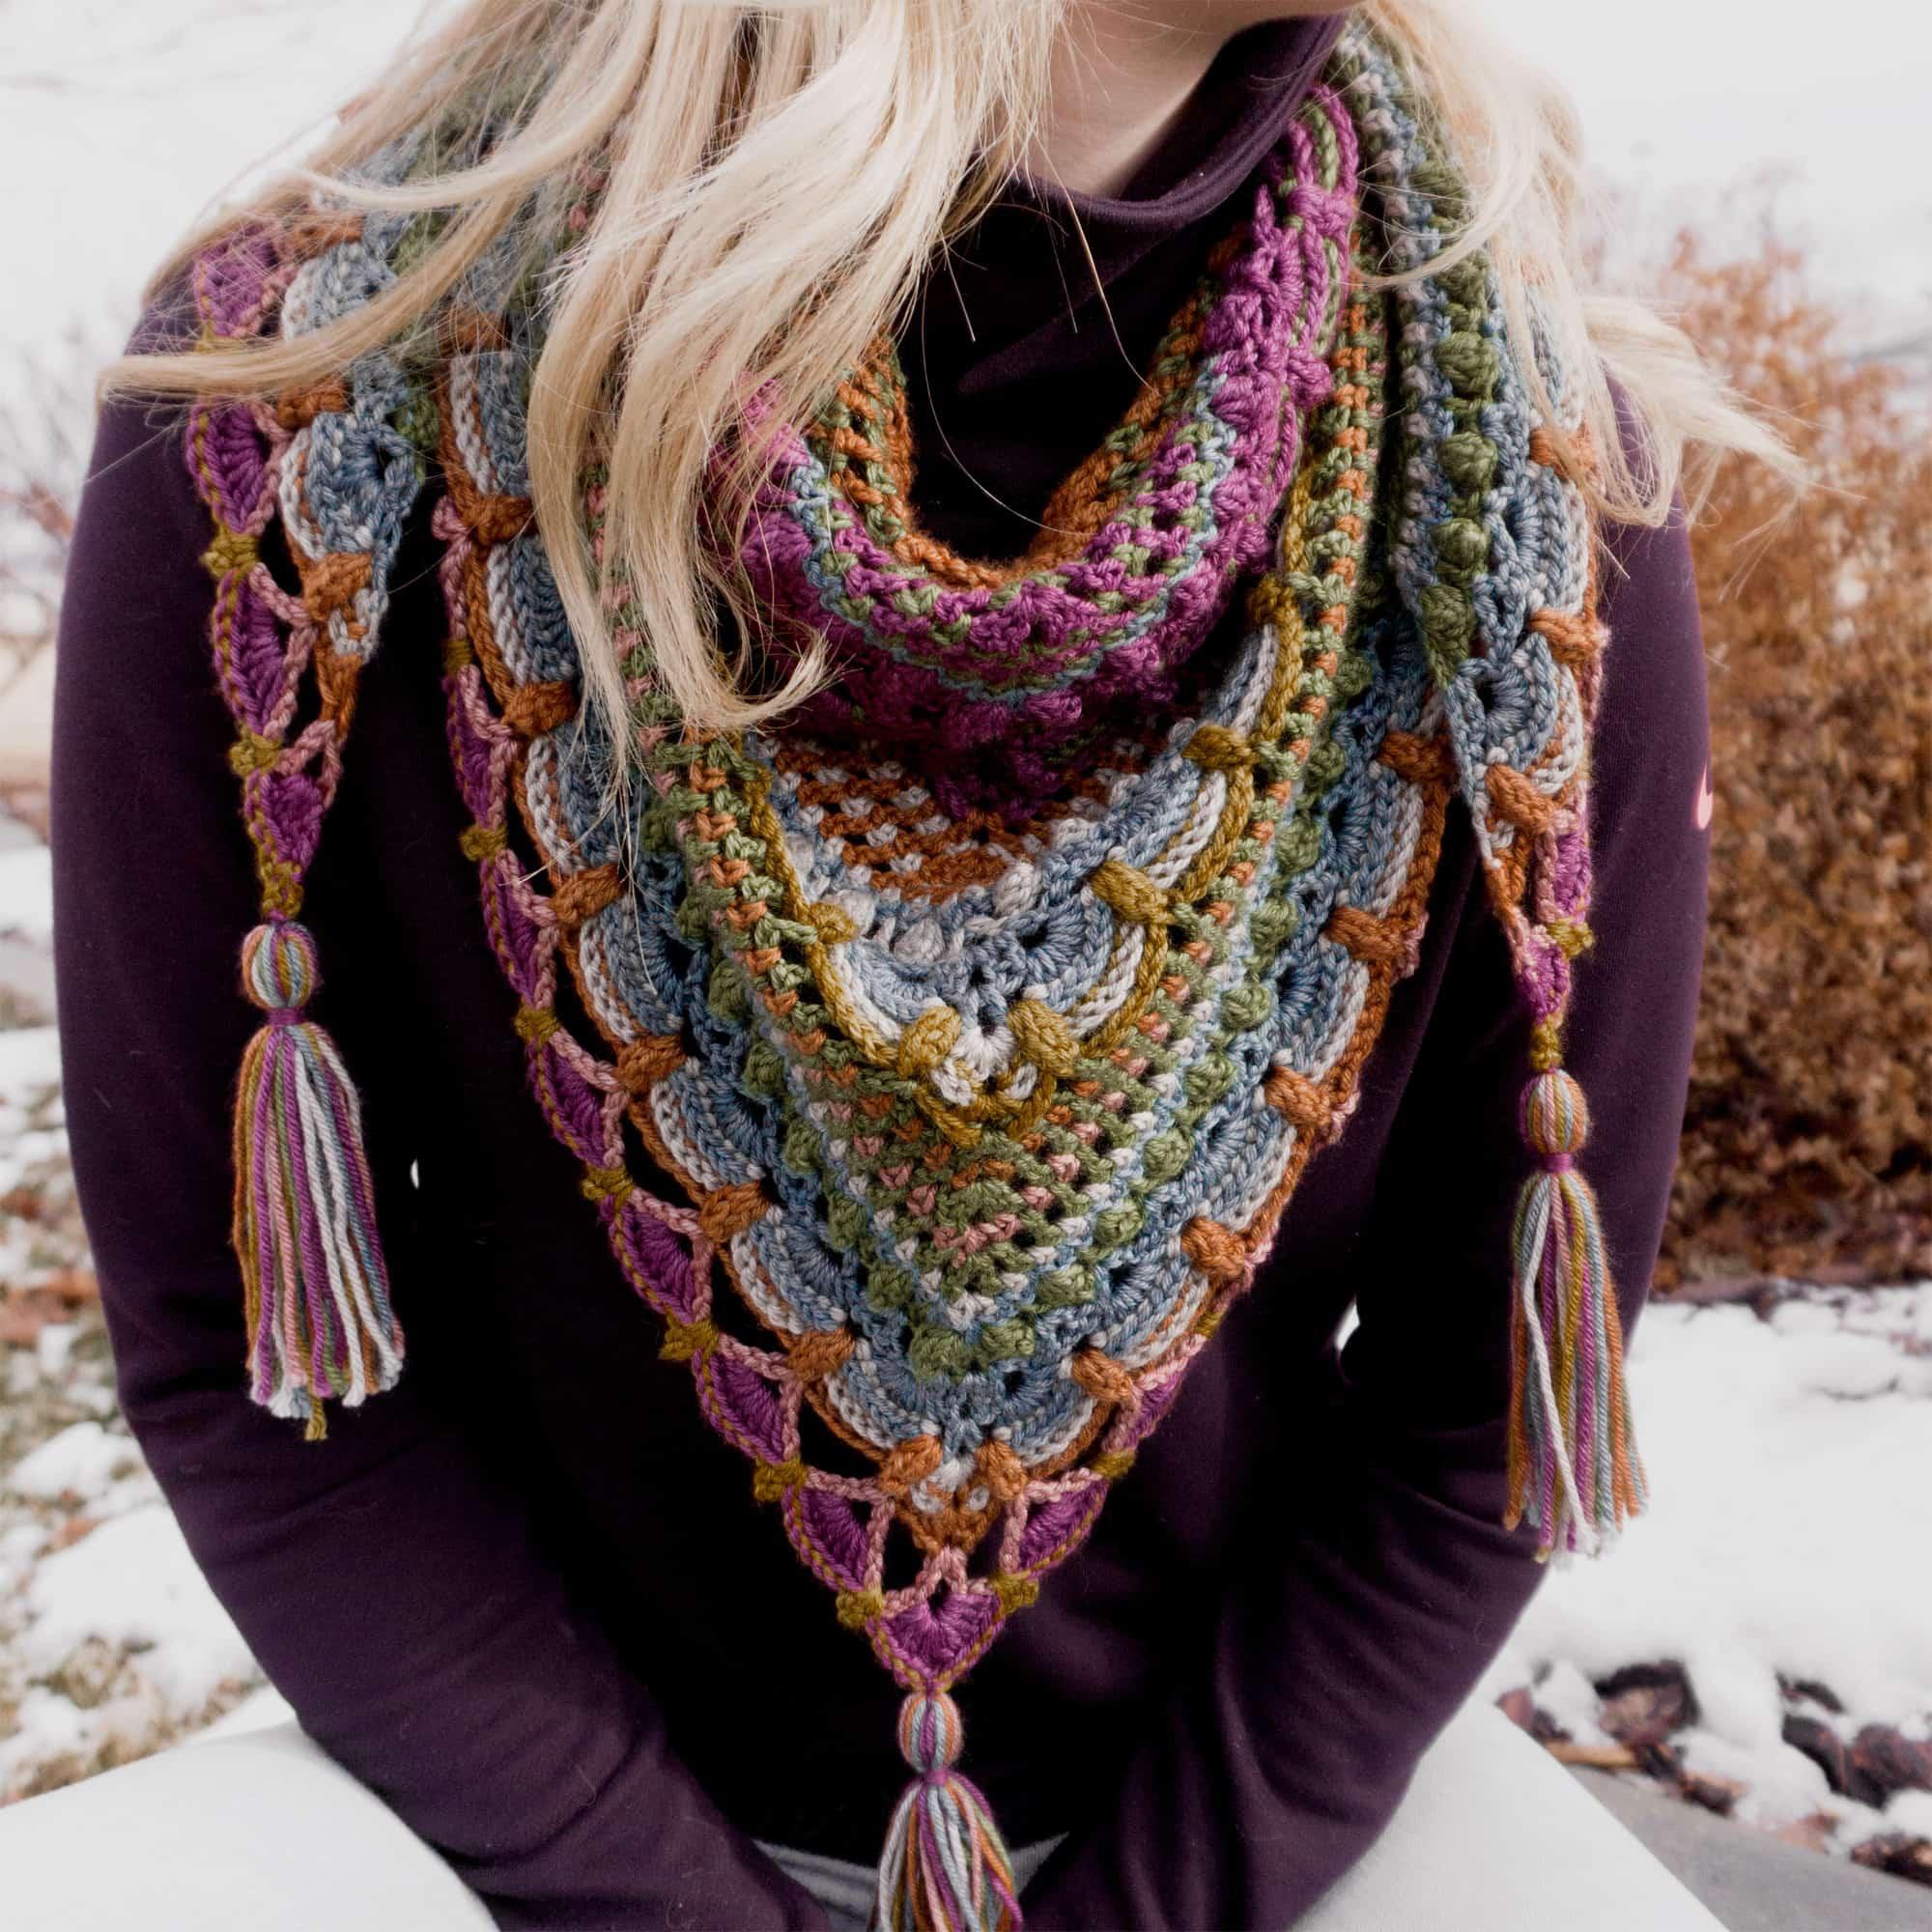 A multicolored shawl.